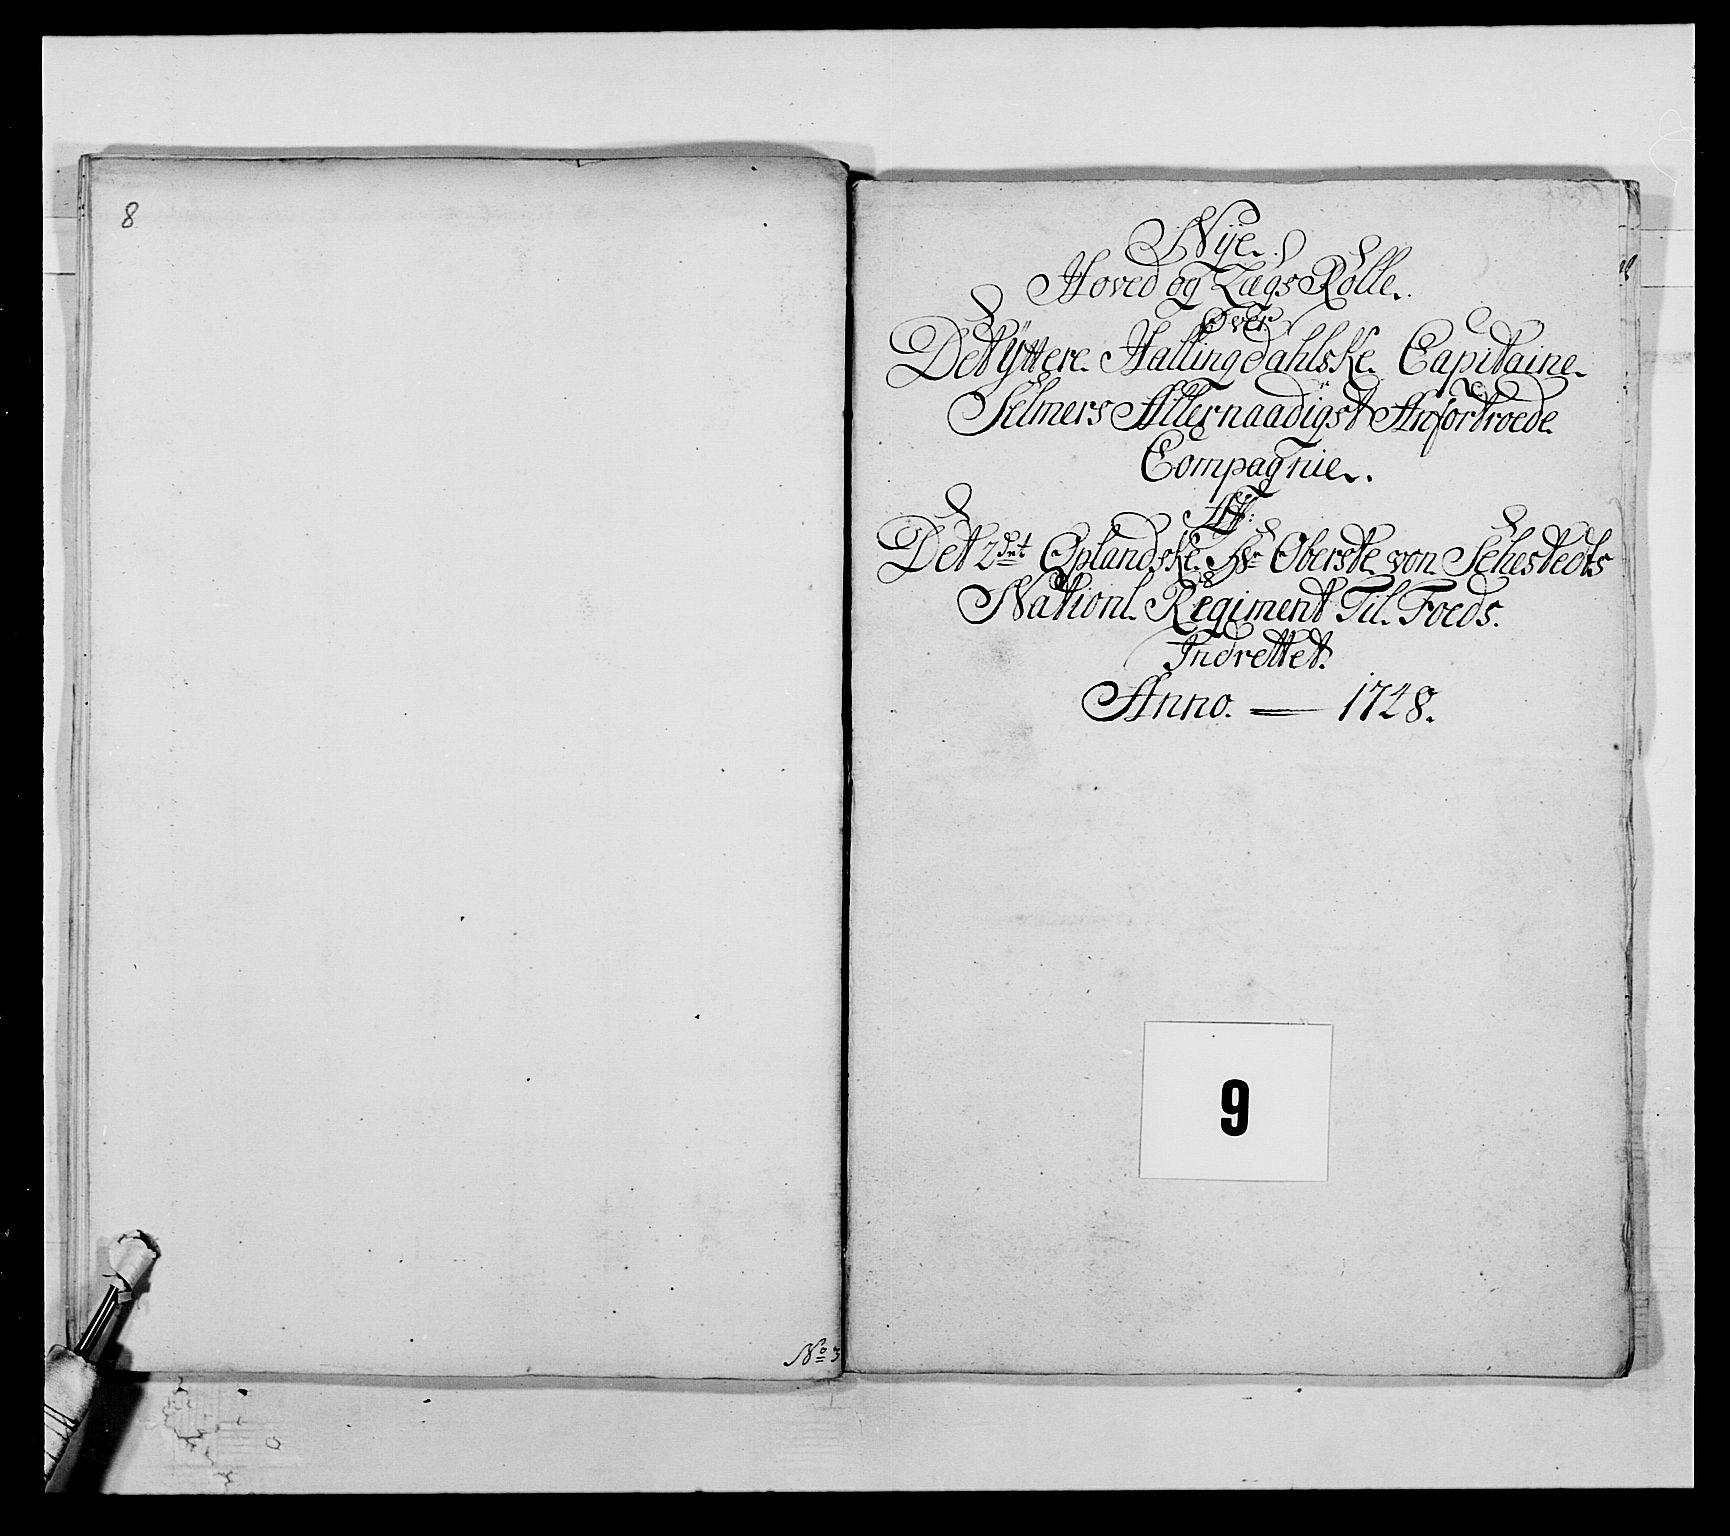 RA, Kommanderende general (KG I) med Det norske krigsdirektorium, E/Ea/L0505: 2. Opplandske regiment, 1748, s. 247